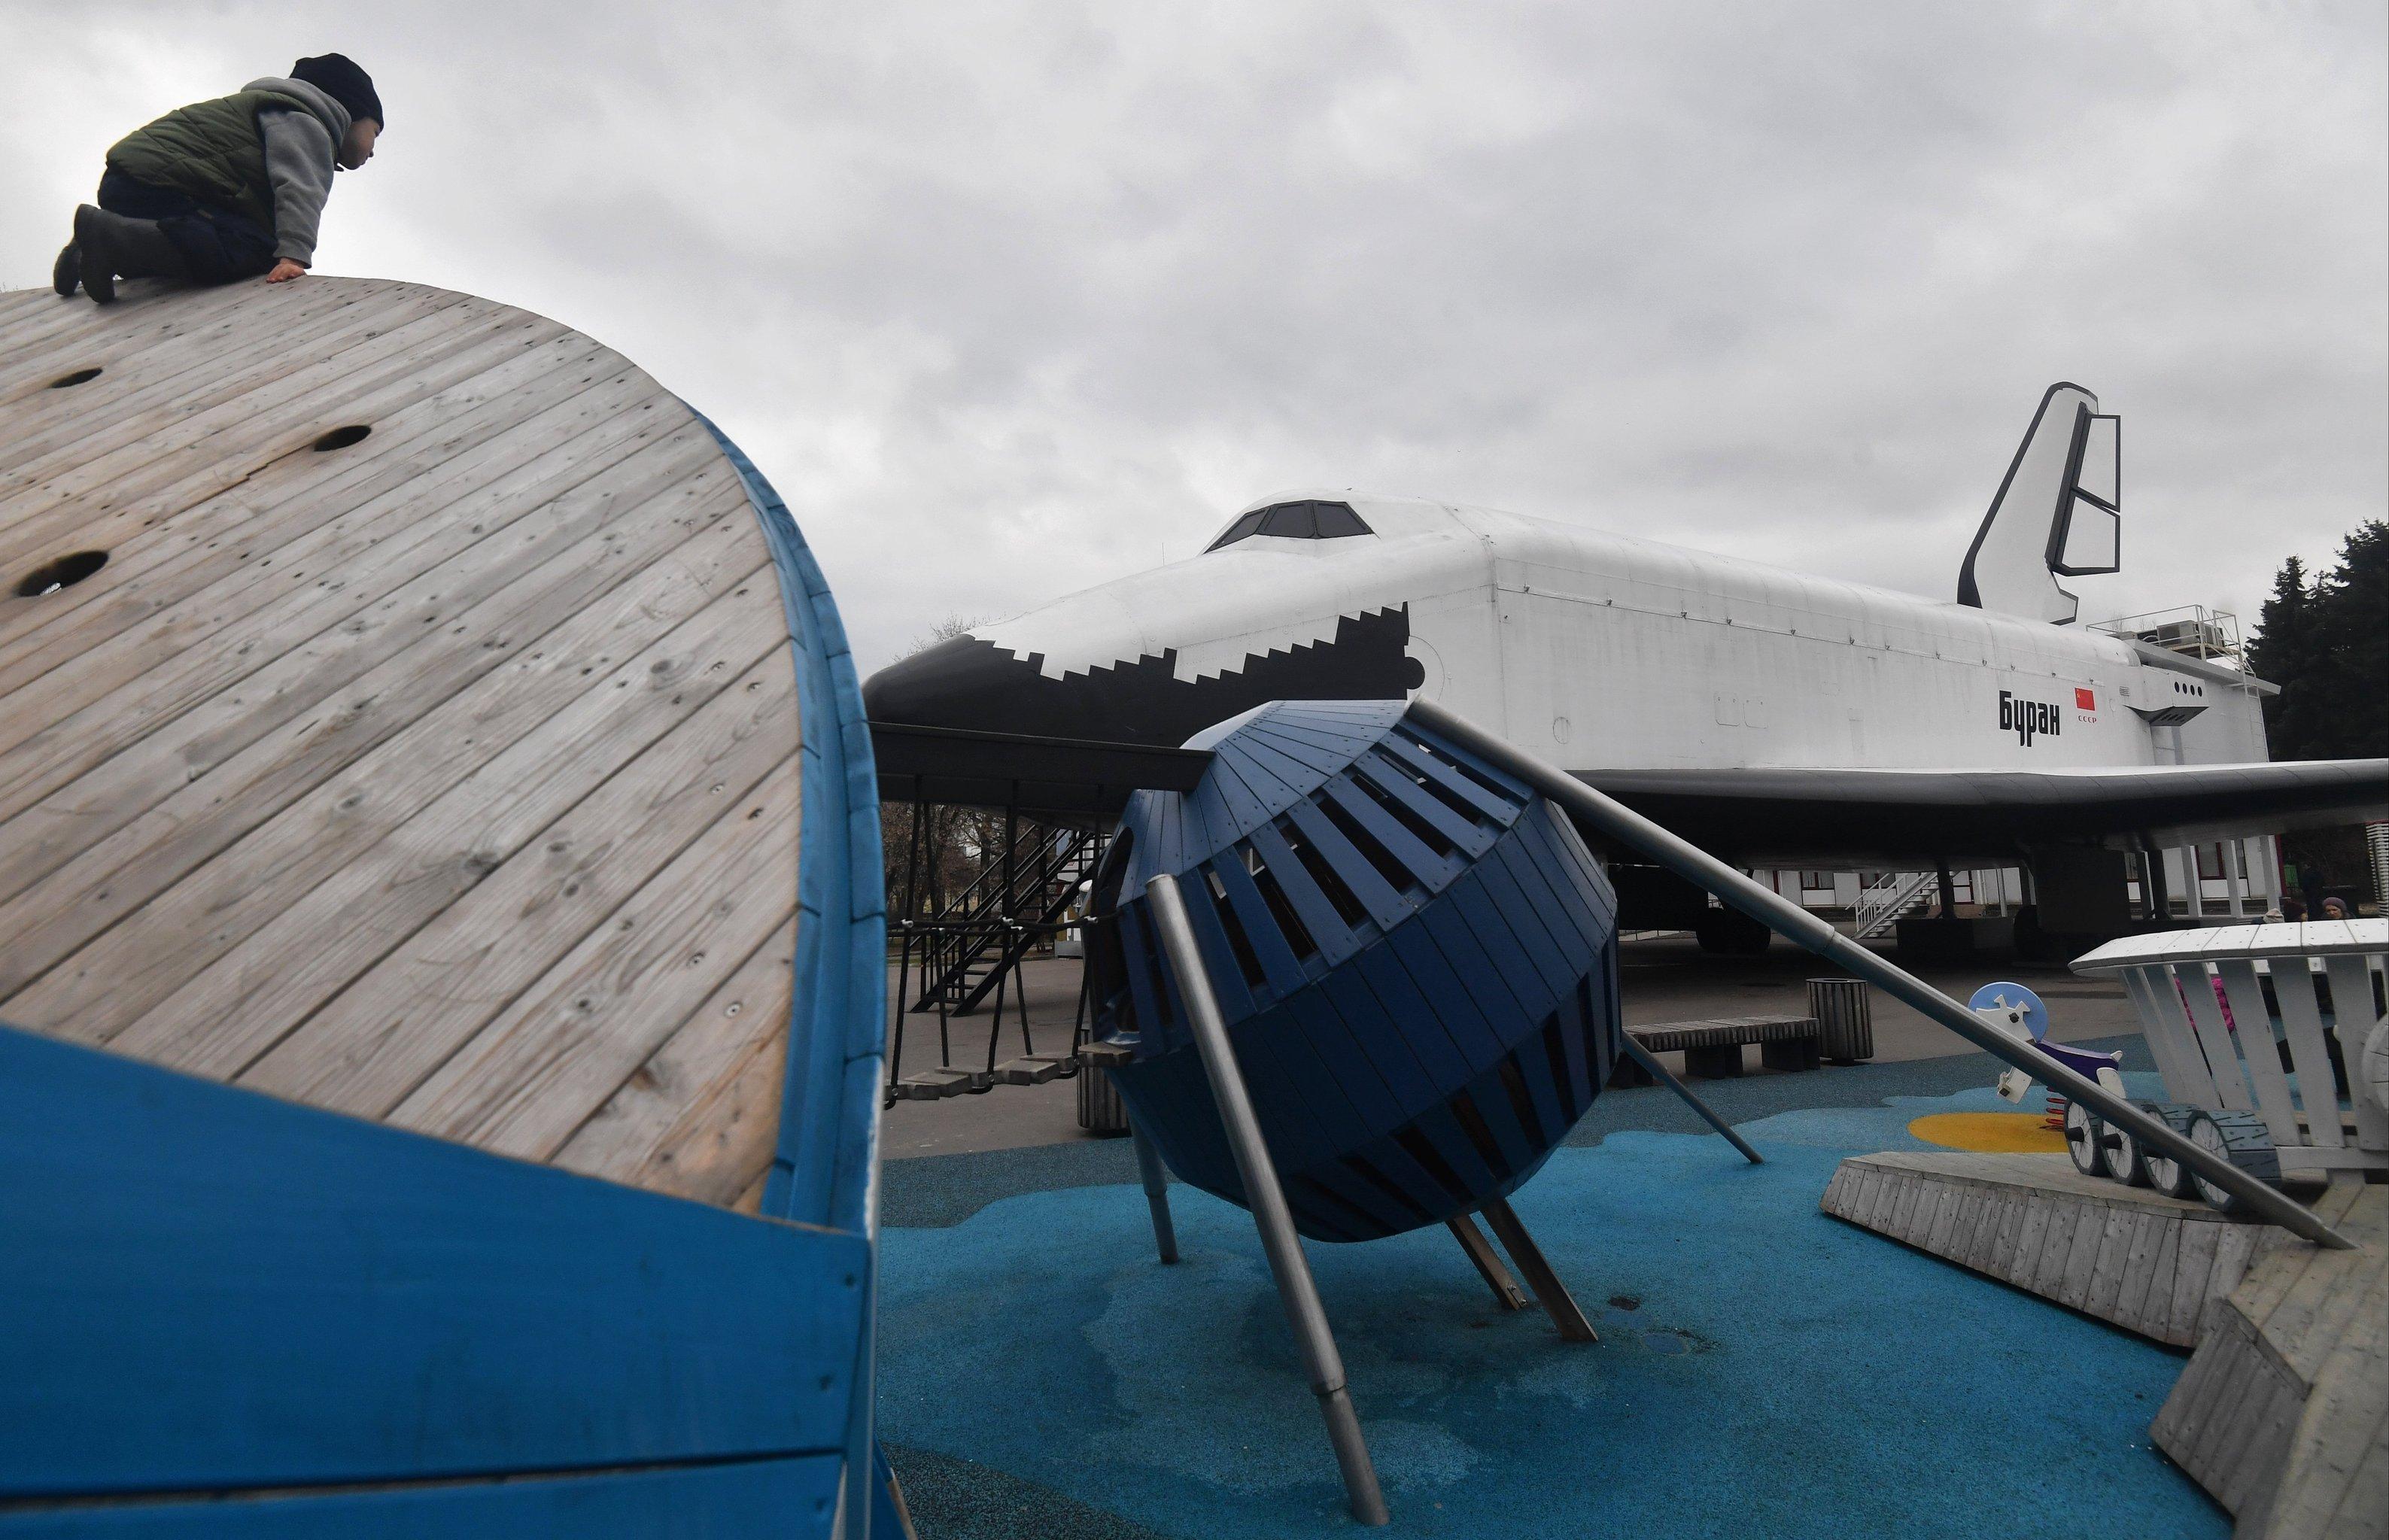 Ребенок на детской площадке рядом с павильоном Космос на территории ВДНХ